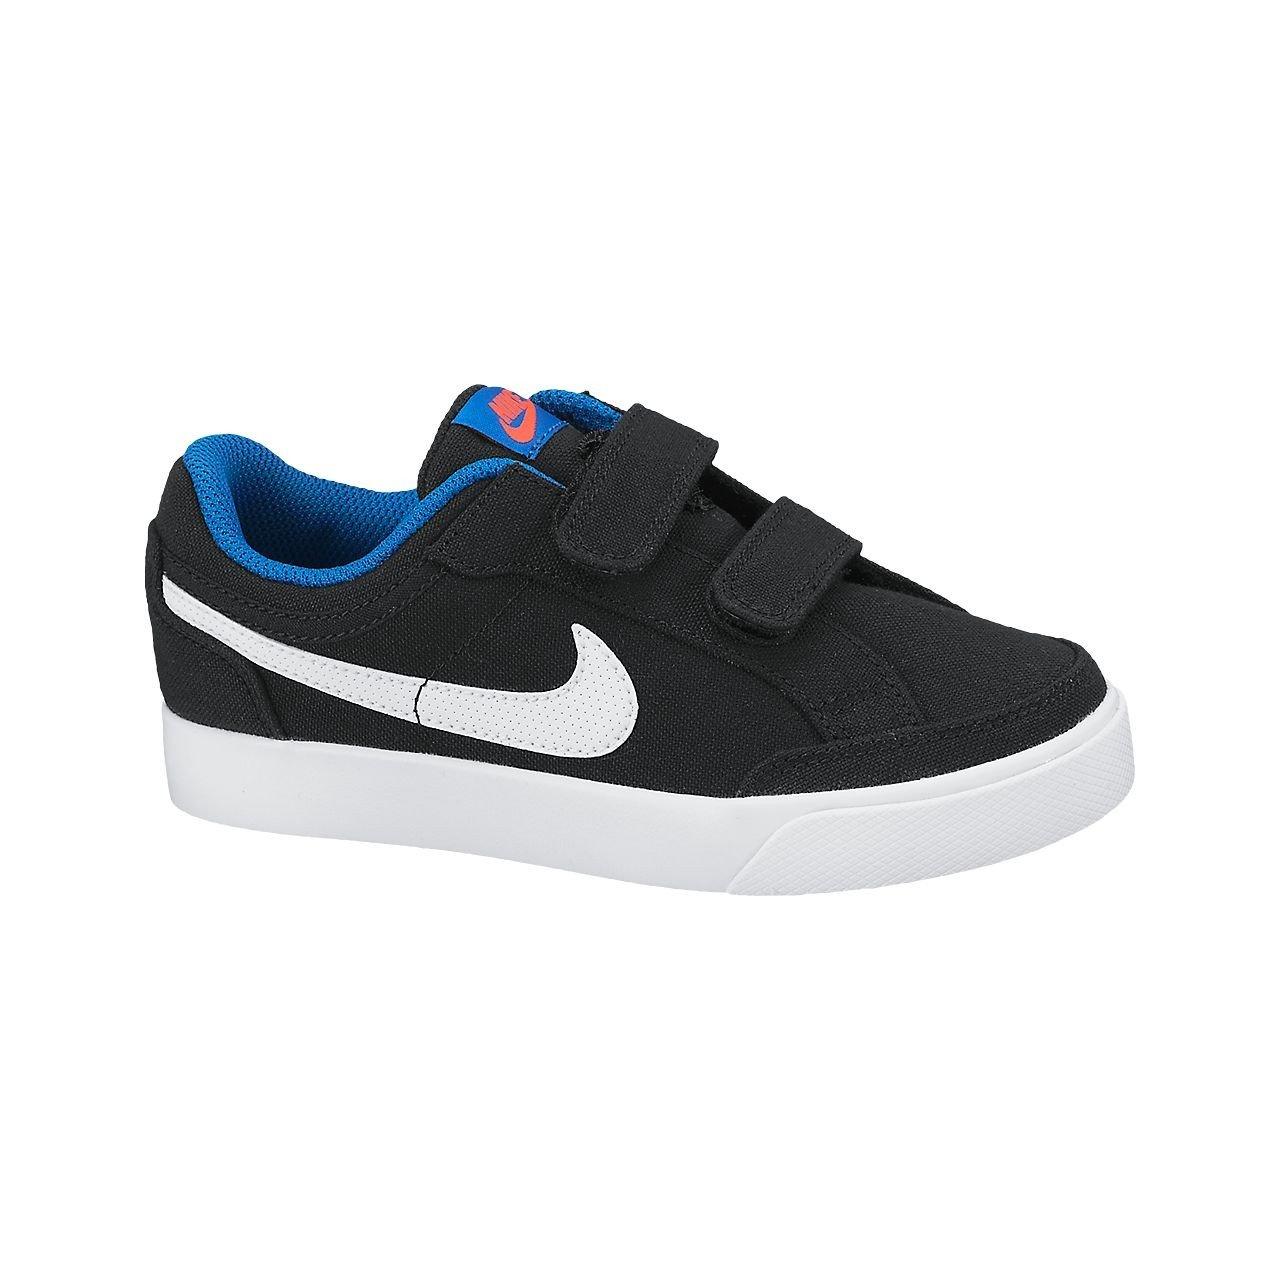 555e02ccb5030 Nike PG 2.5 - Men's Paul George Nylon Black/Photo Blue Basketball Shoes  11.5 D(M) US